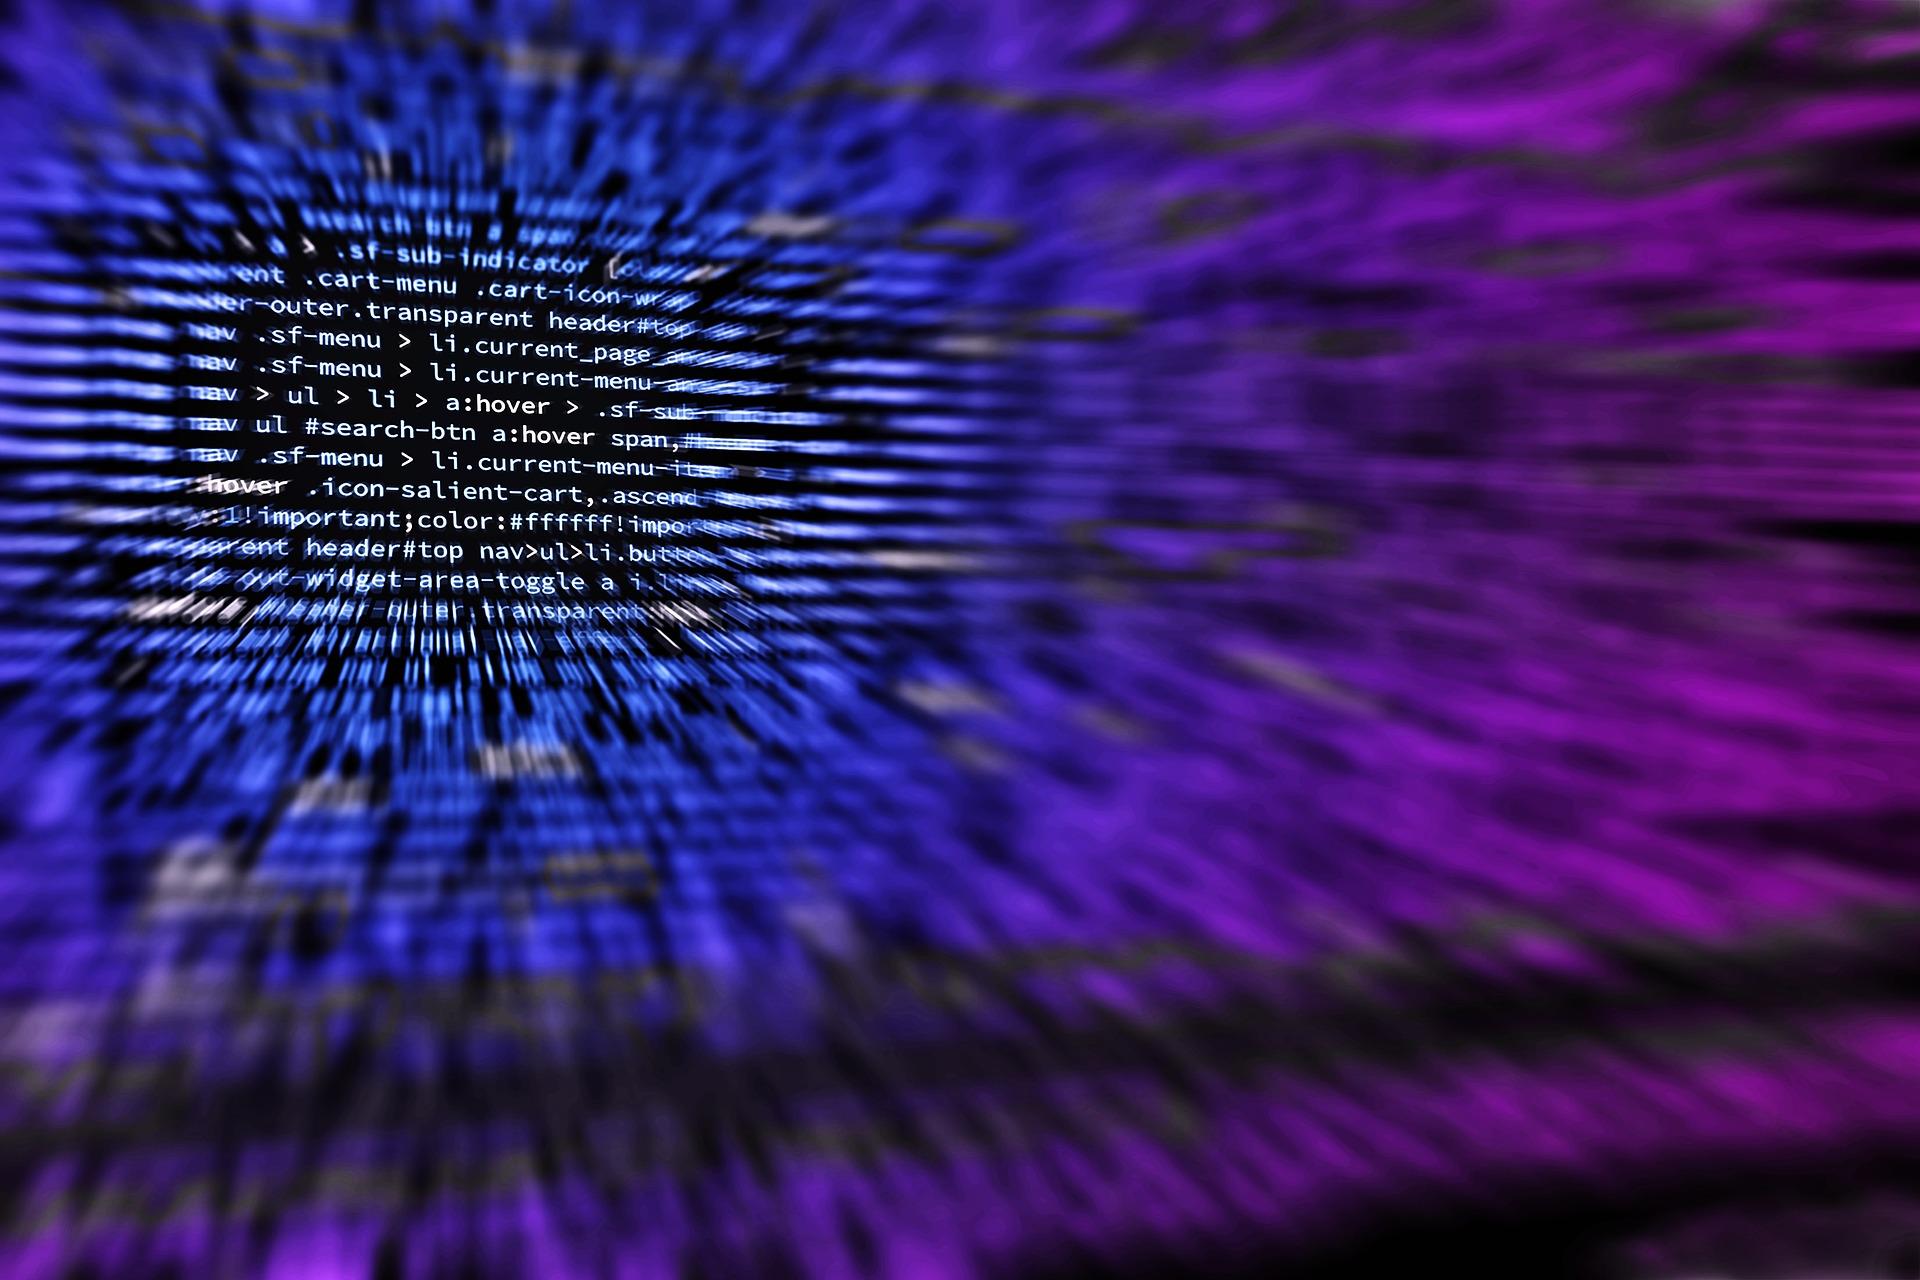 koding-og-hacking